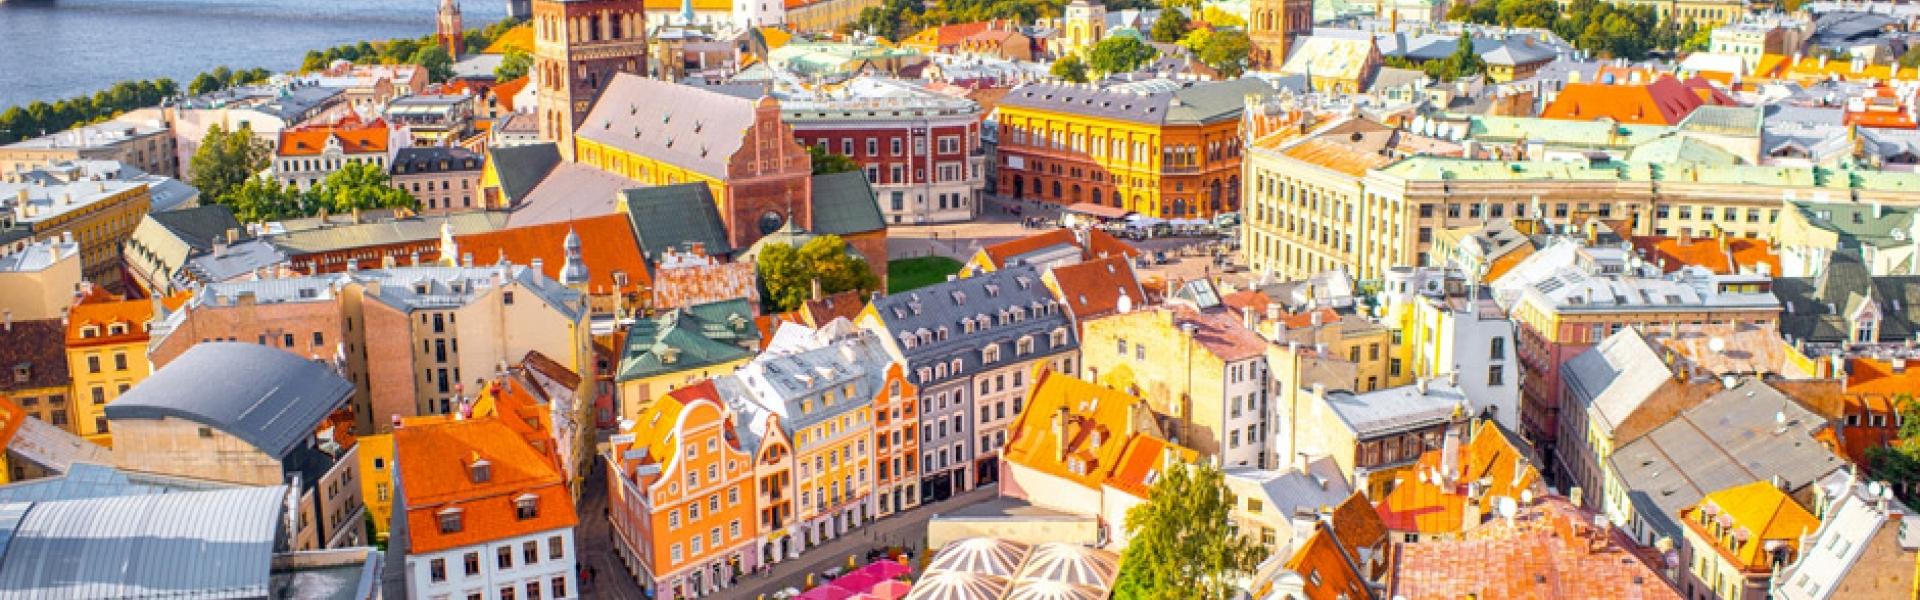 Baltique, Riga